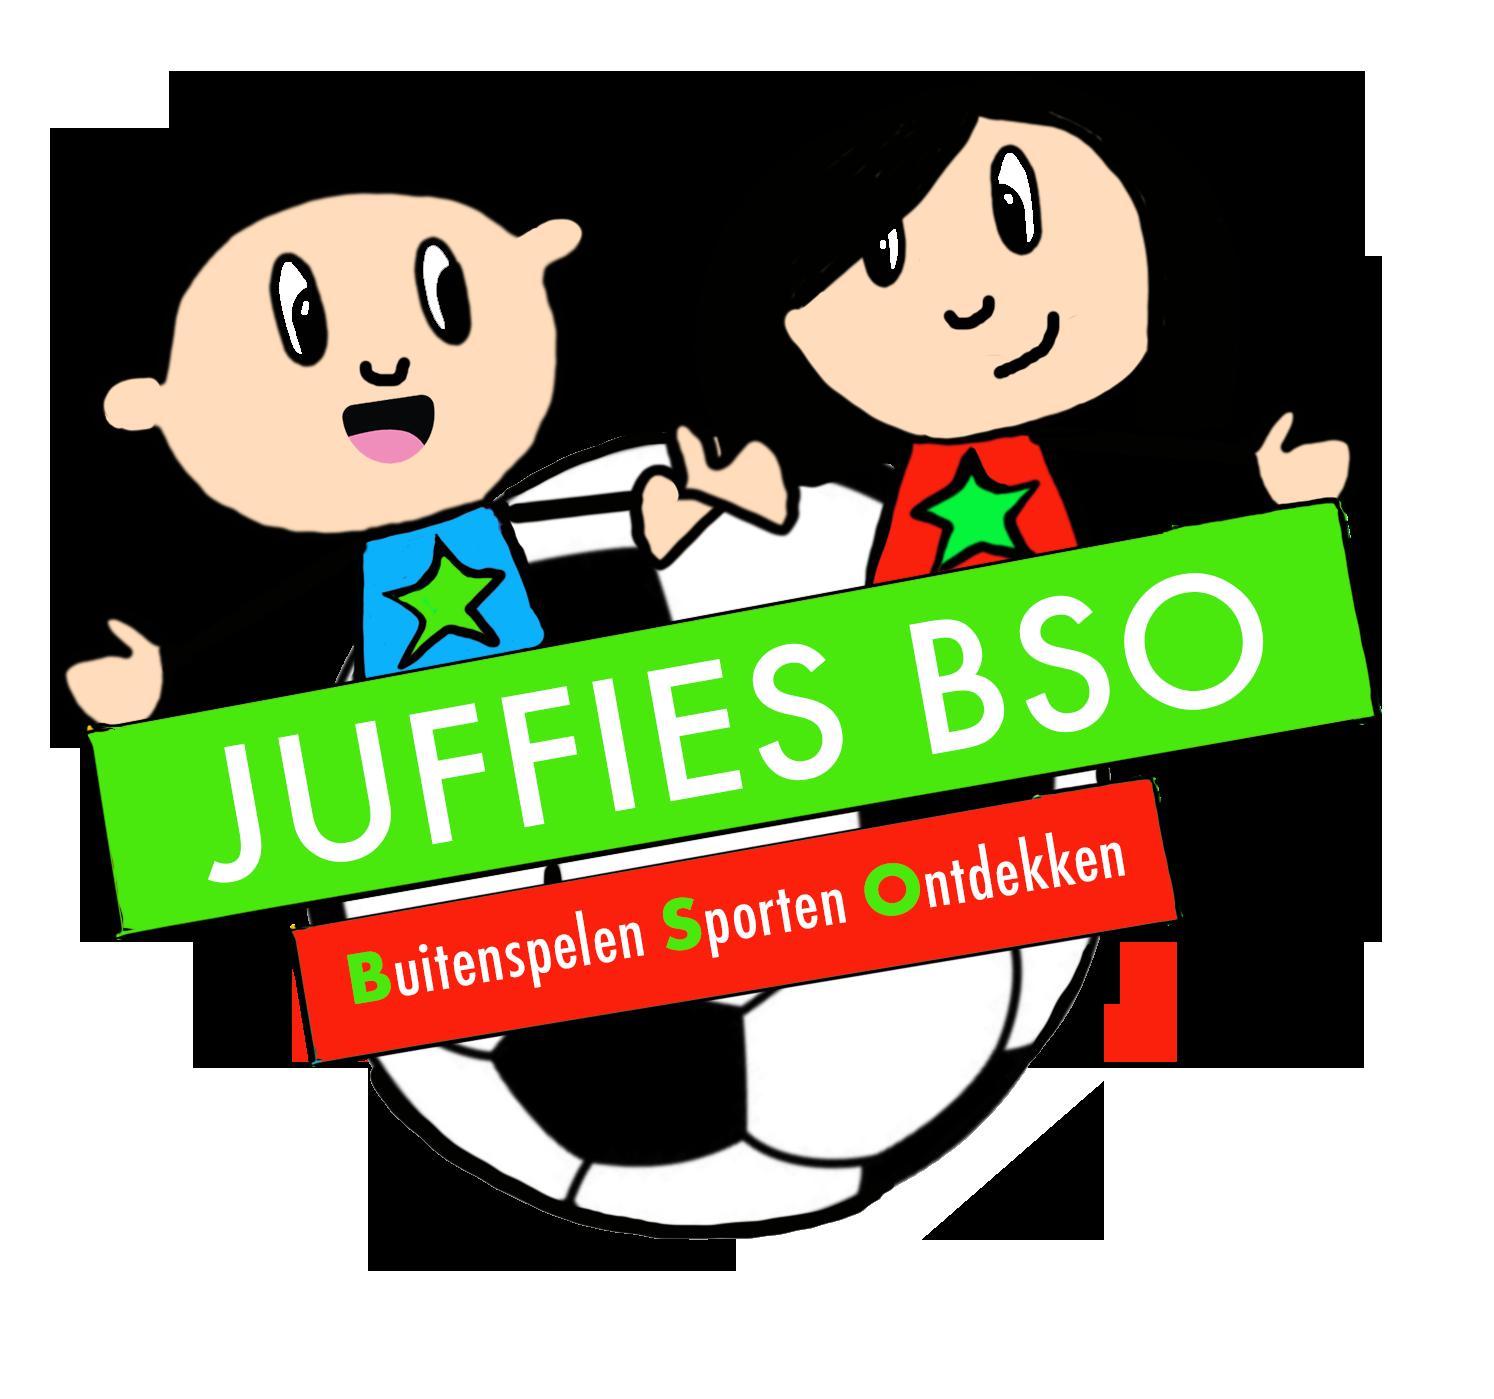 Juffies BSO Logo